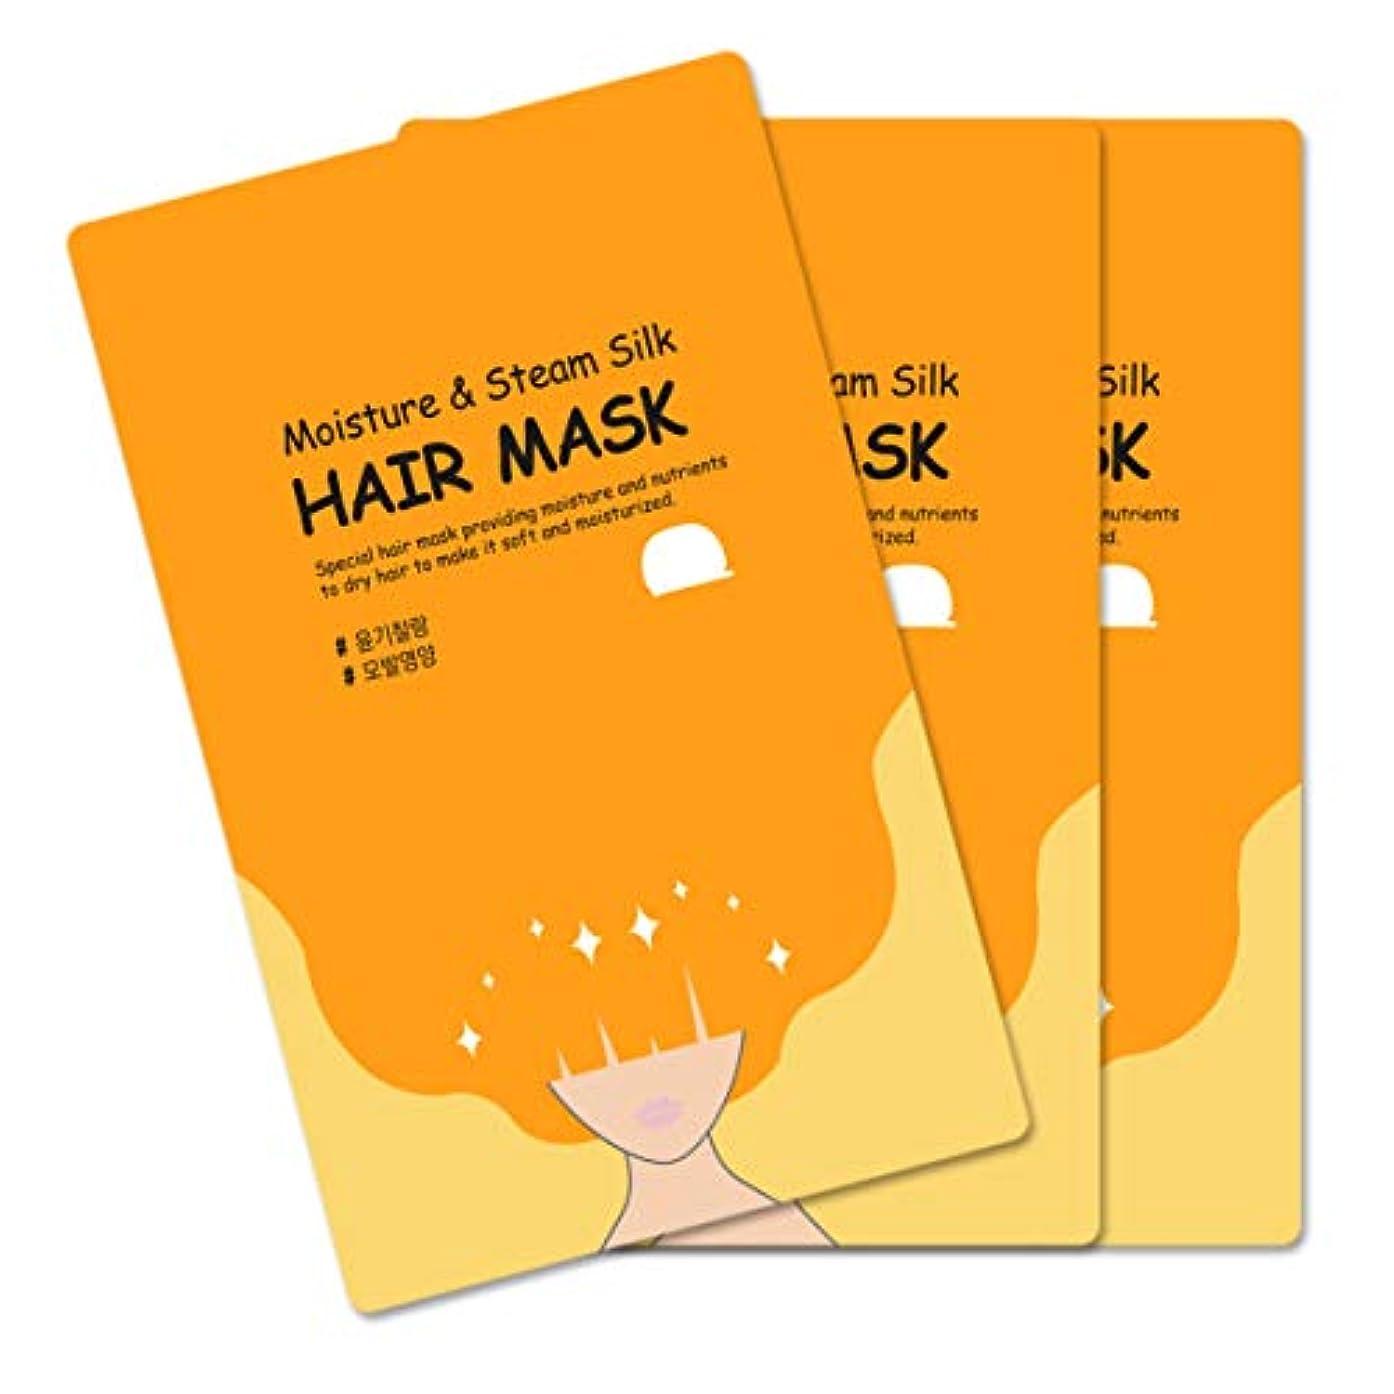 スキップバッグ着服[CNF] SHES LAB(シーズラップ) モイスチャー&スチームシルク ヘアー マスク 3枚